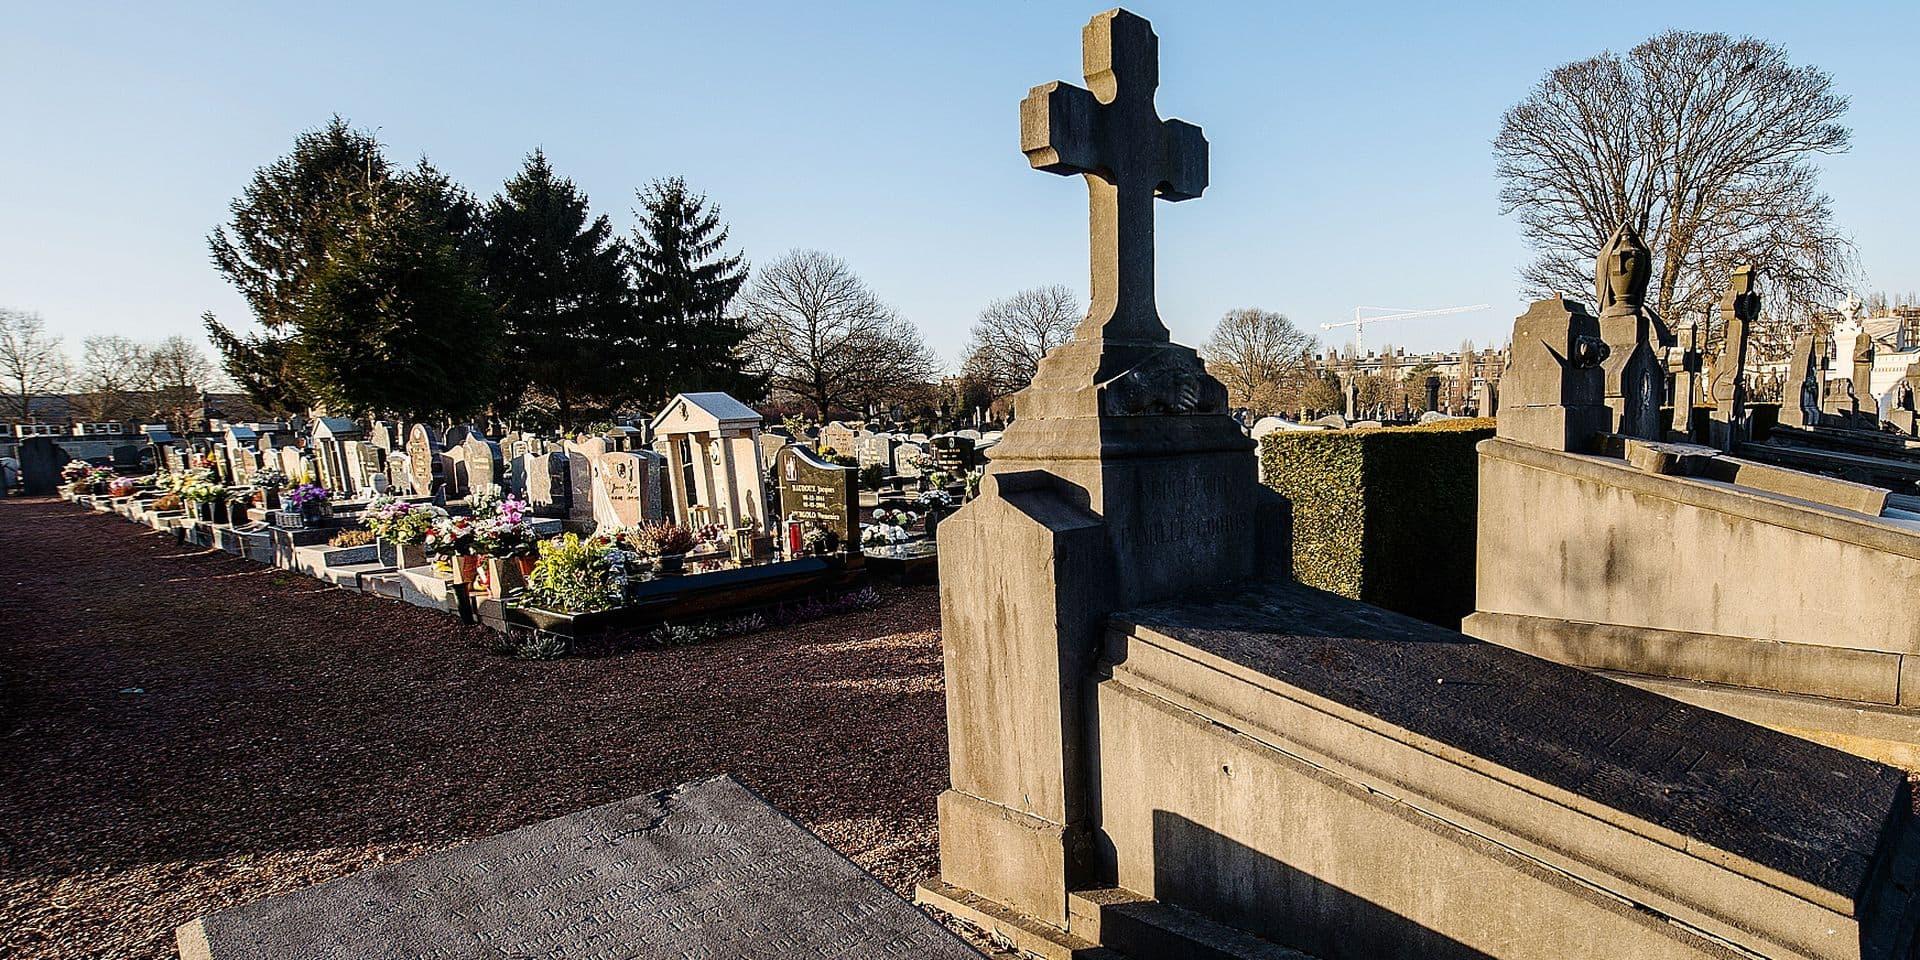 Le cimetière du Bizet, principalement minéral, va connaître une extension de type végétal.